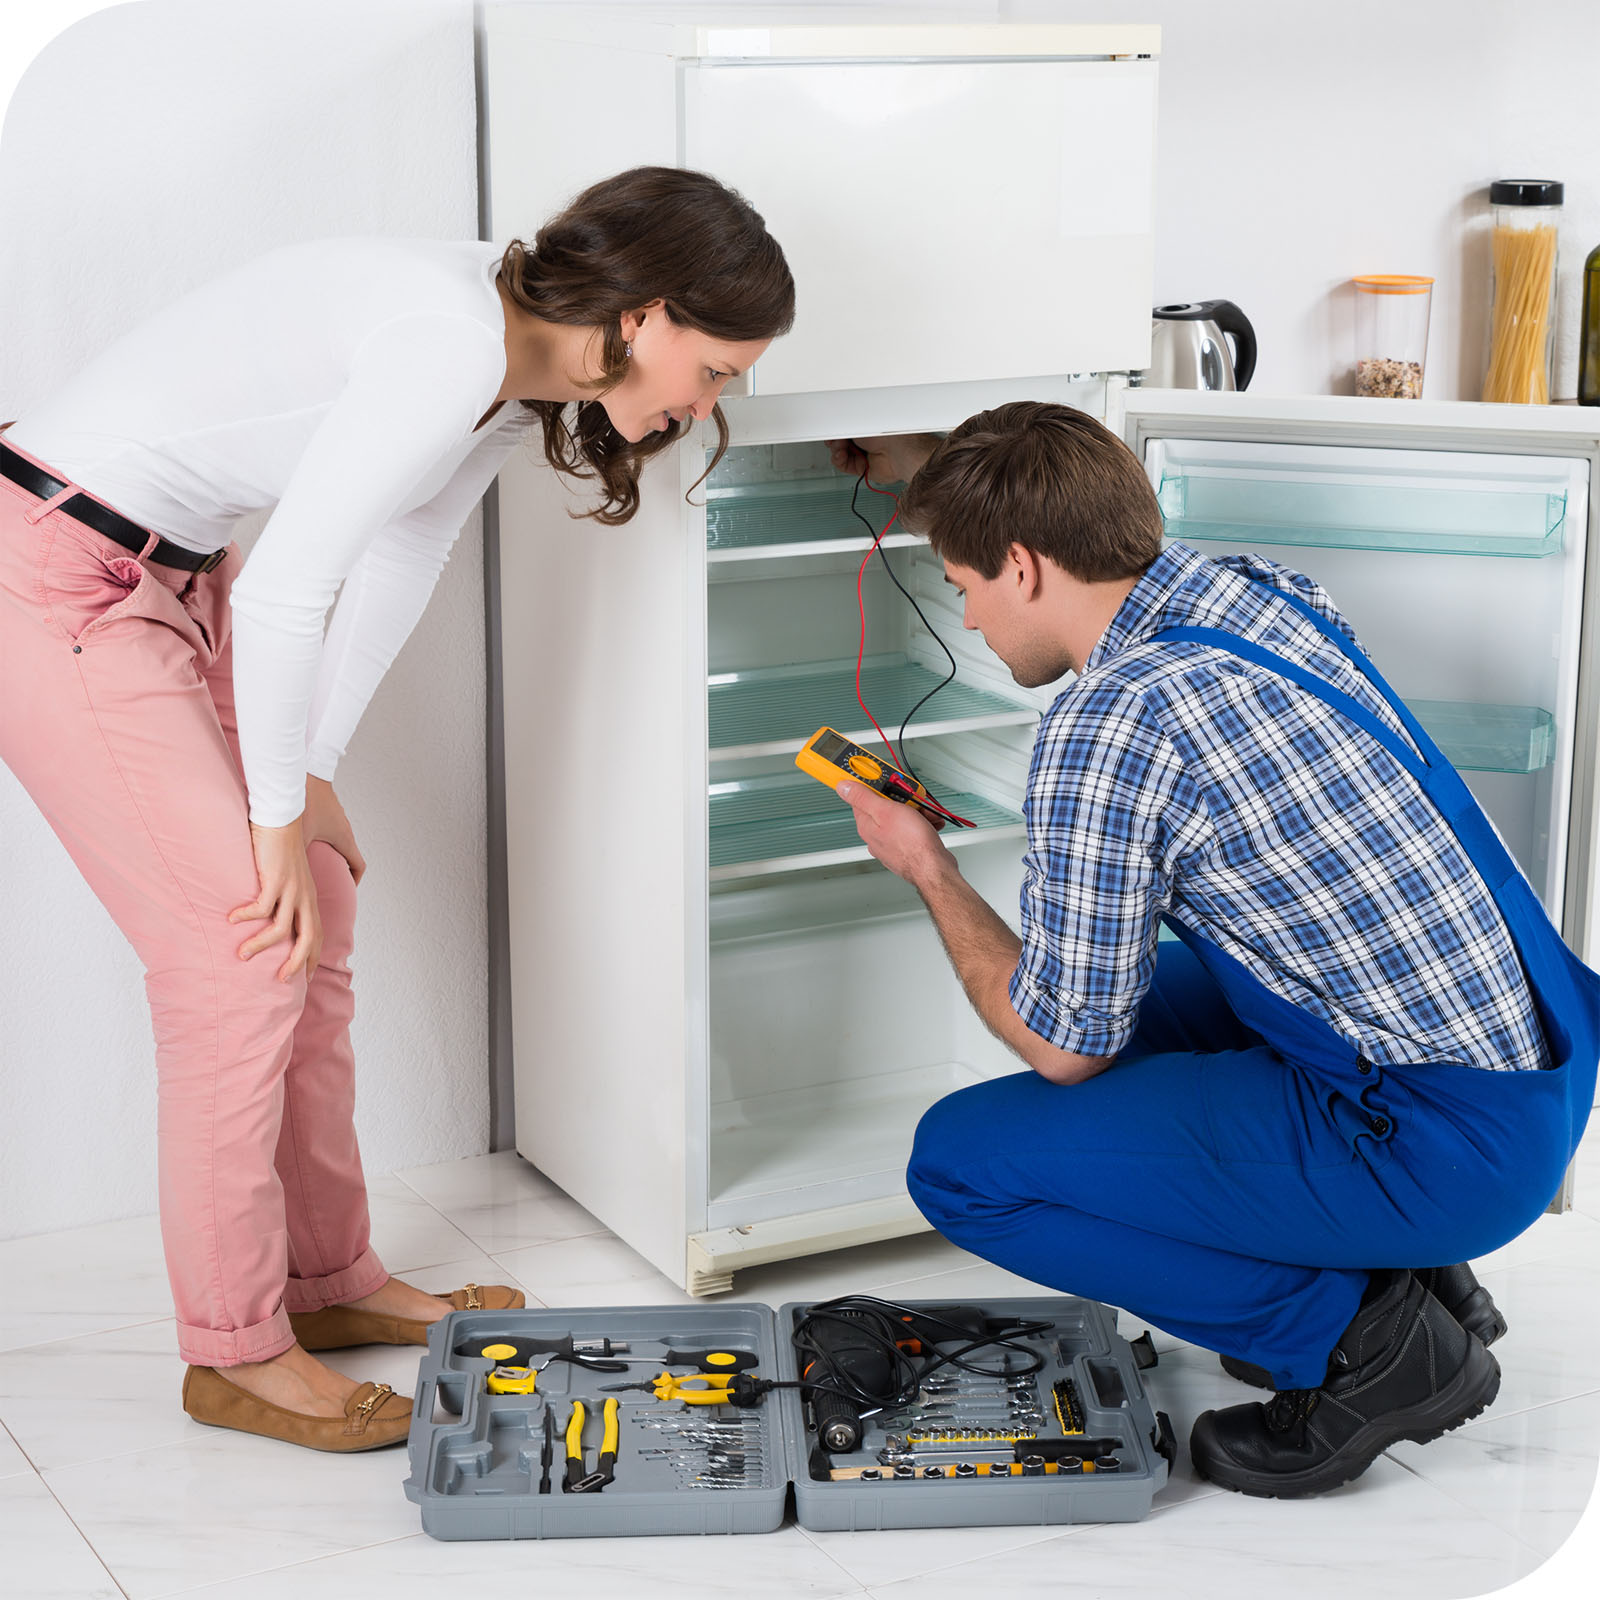 Наиболее частые неисправности холодильника: где провести ремонт, признаки и преимущества